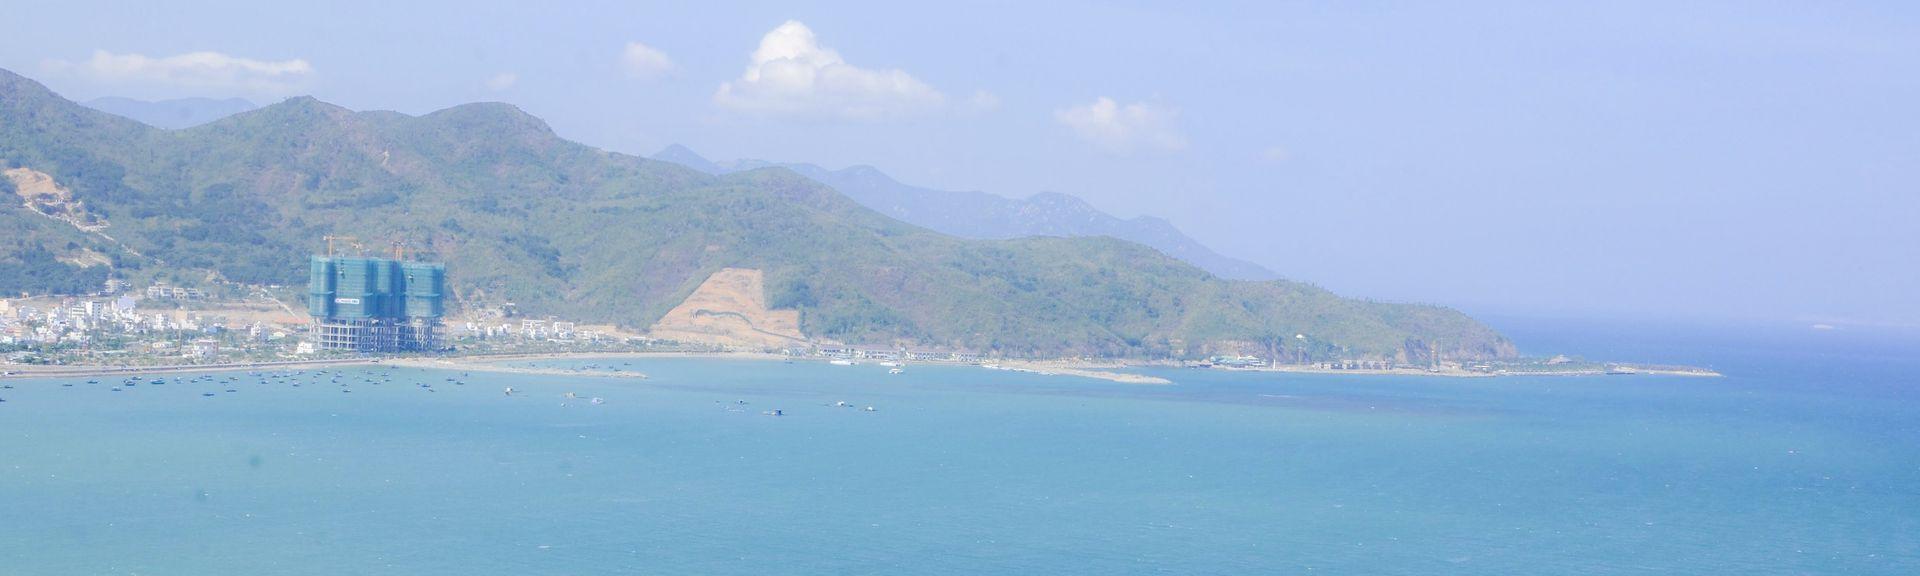 Vinpearl Beach, Nha Trang, Vietnam